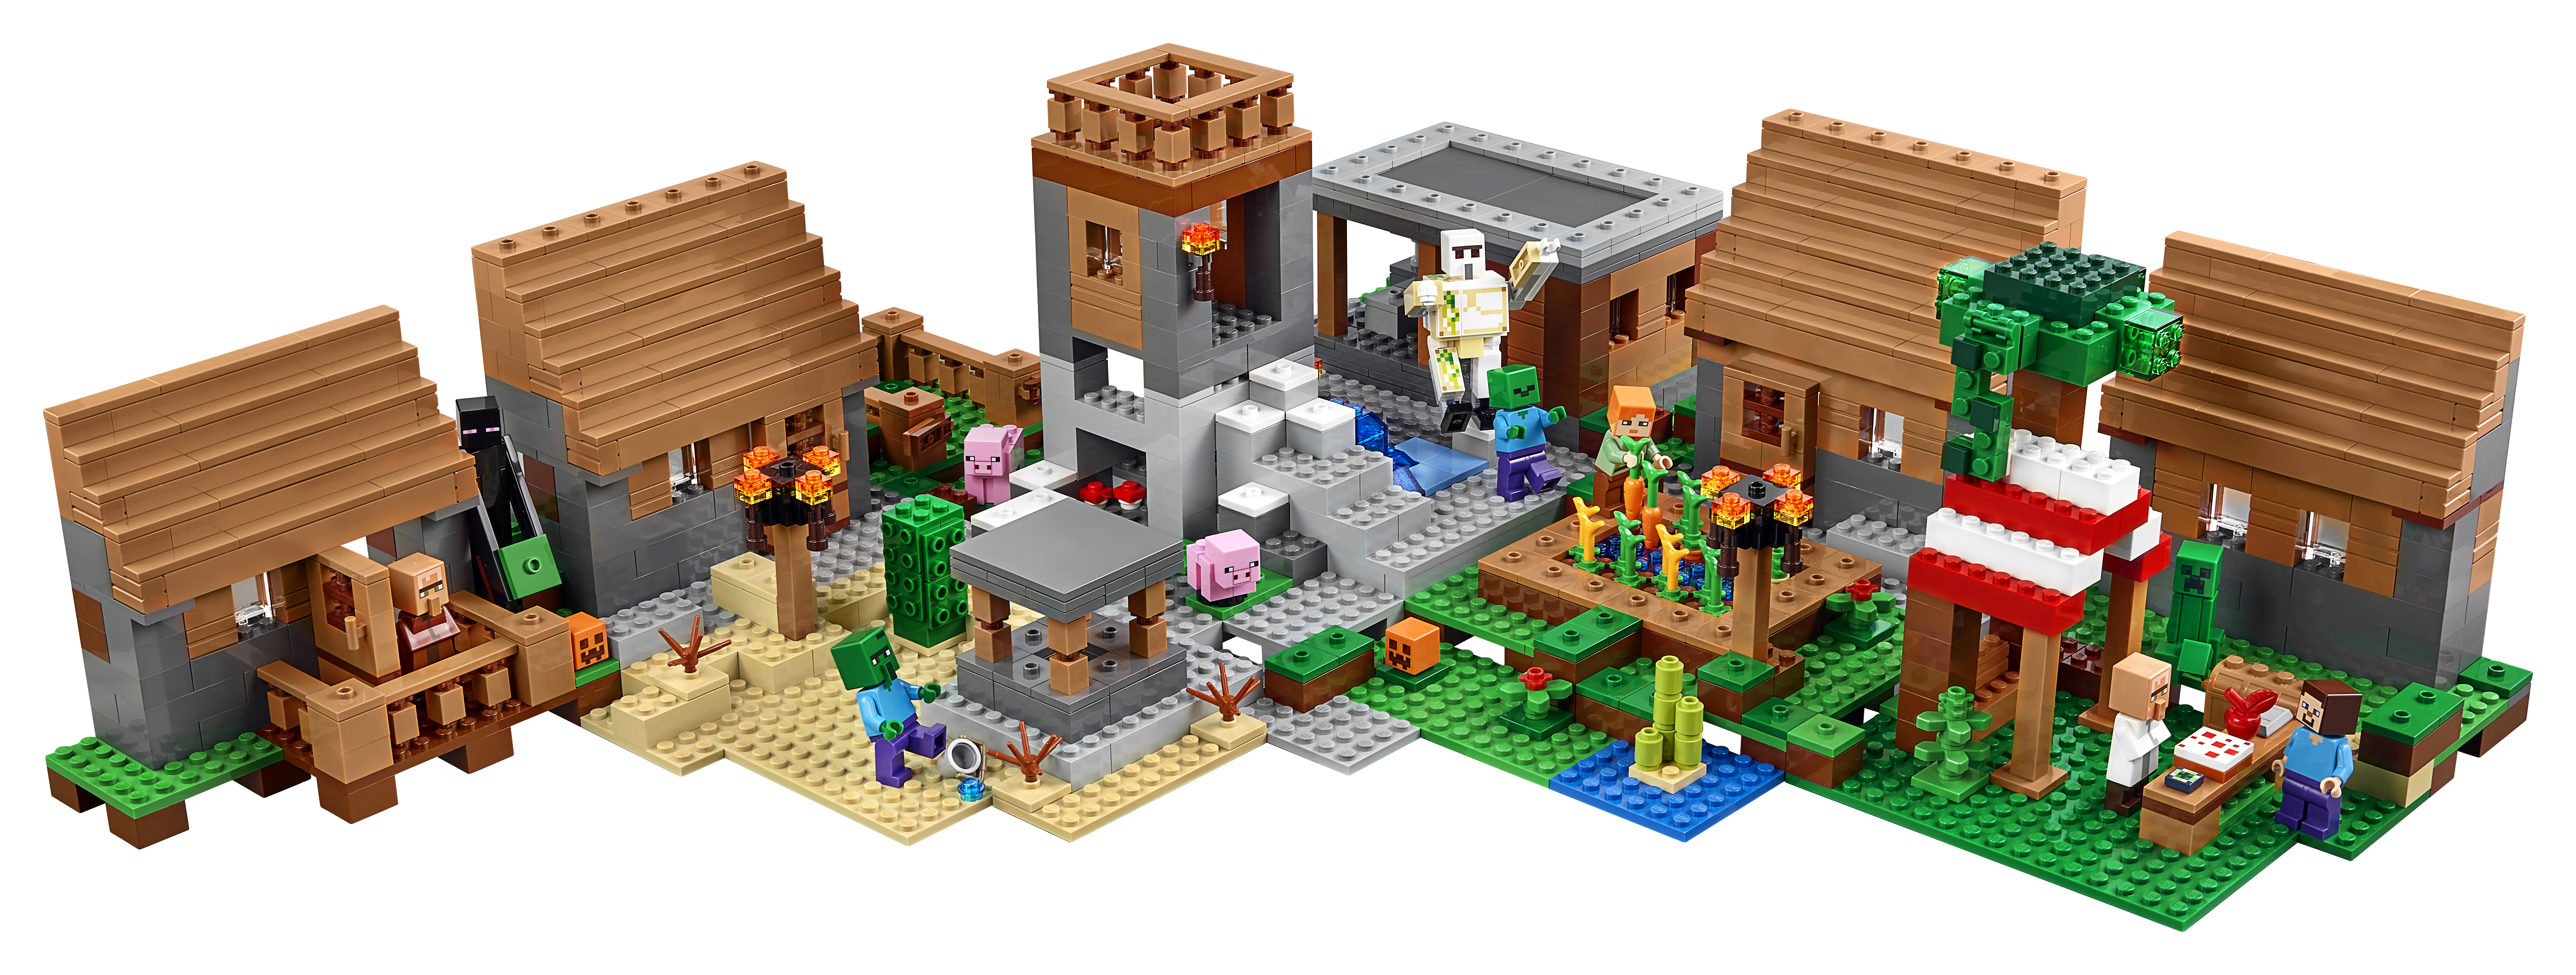 LEGO 21128 Minecraft The Village   Alternate Layout